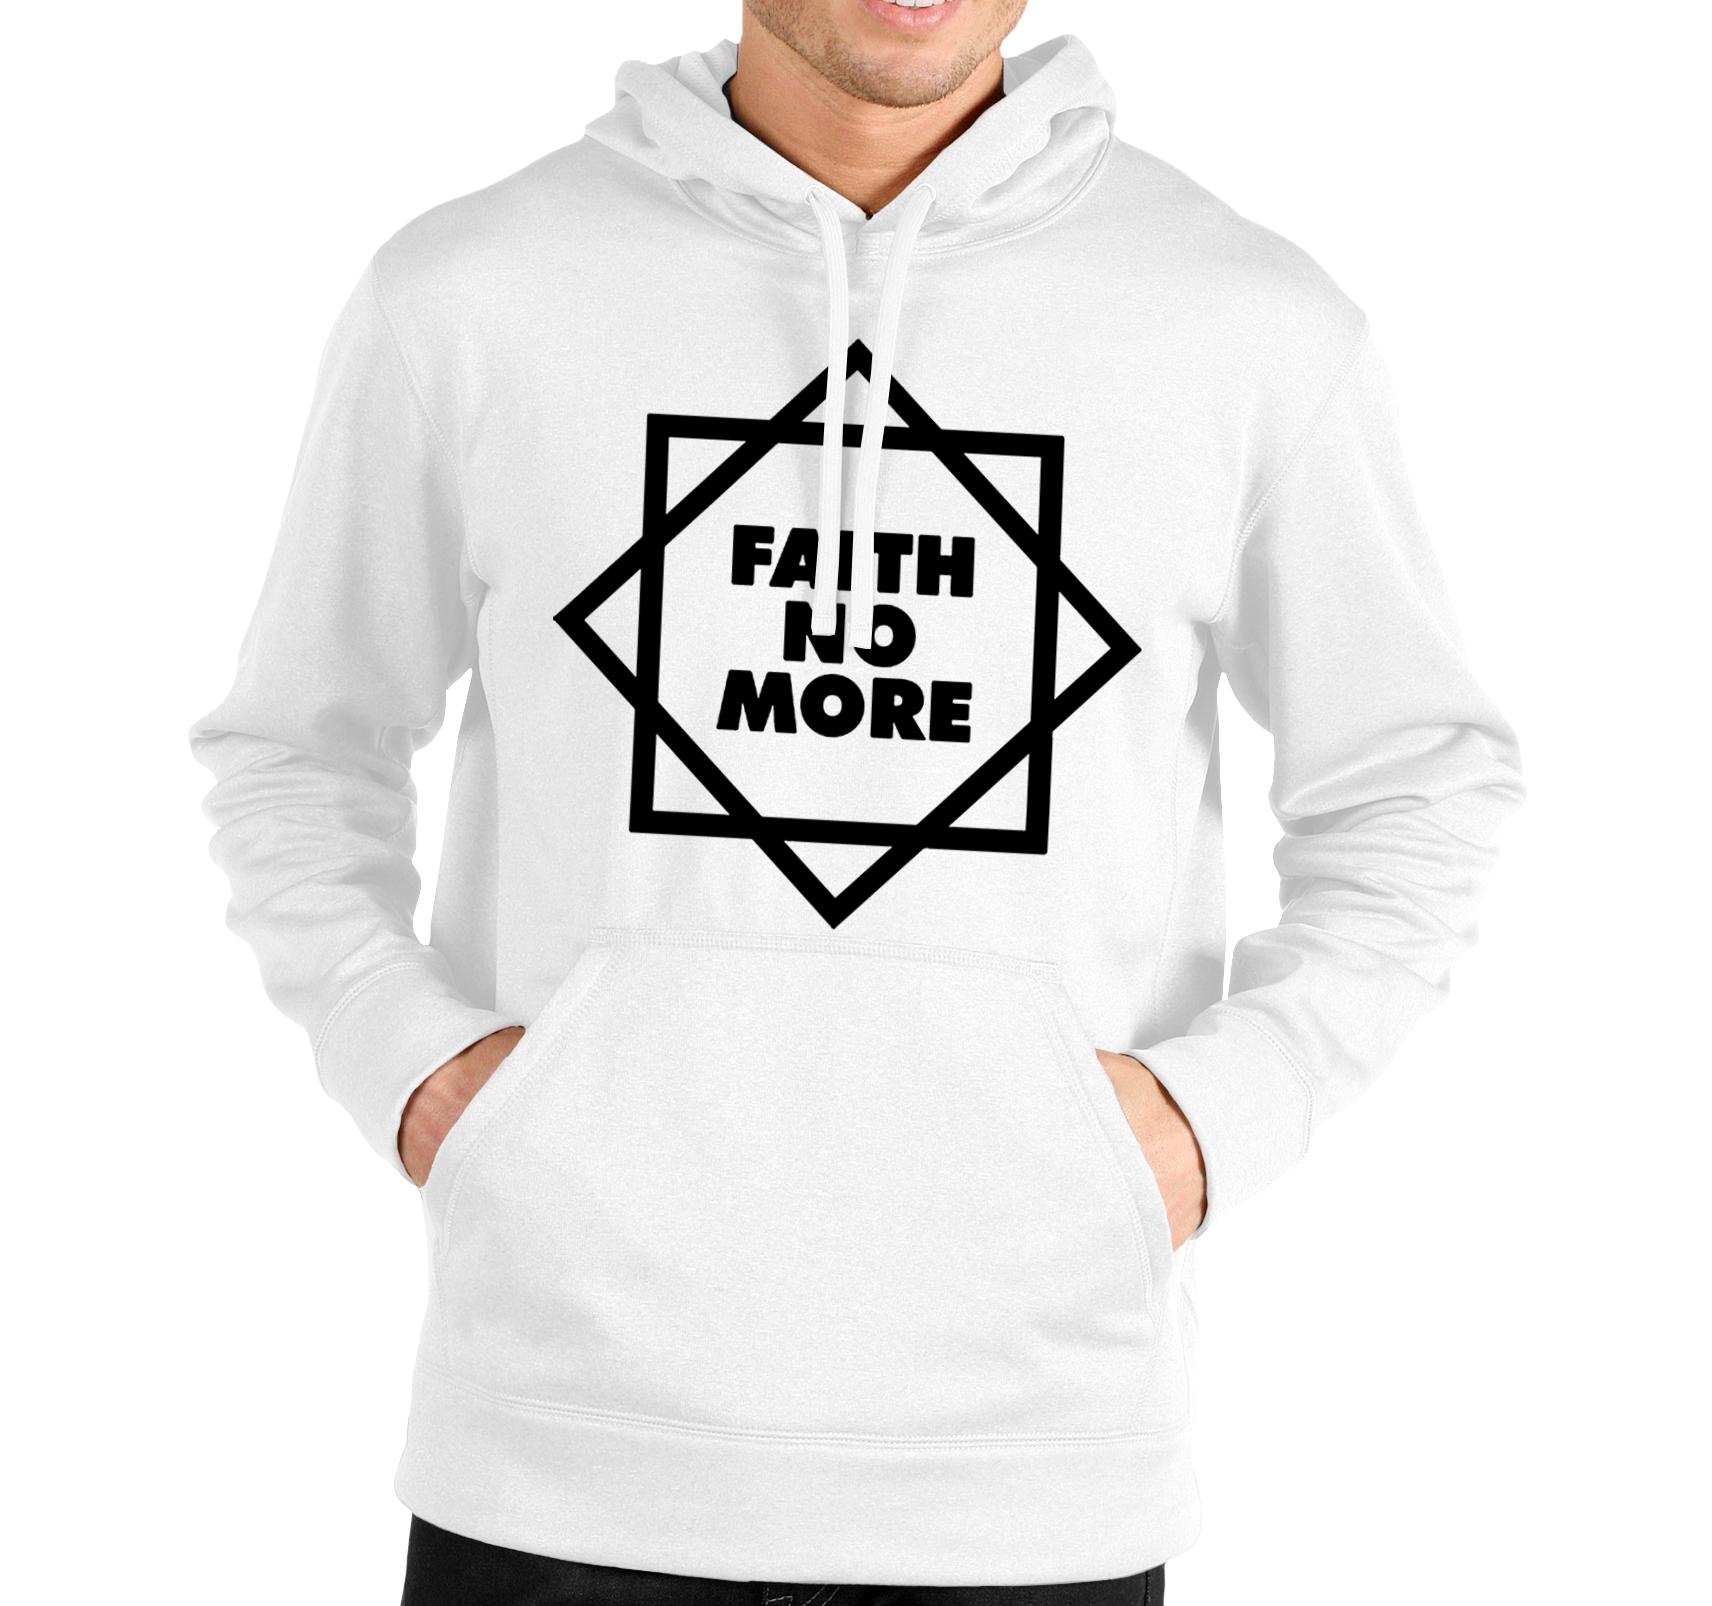 Mikina Faith No More Veľkosť: M, Pohlavie: Čierna, Pohlavie: Pánske